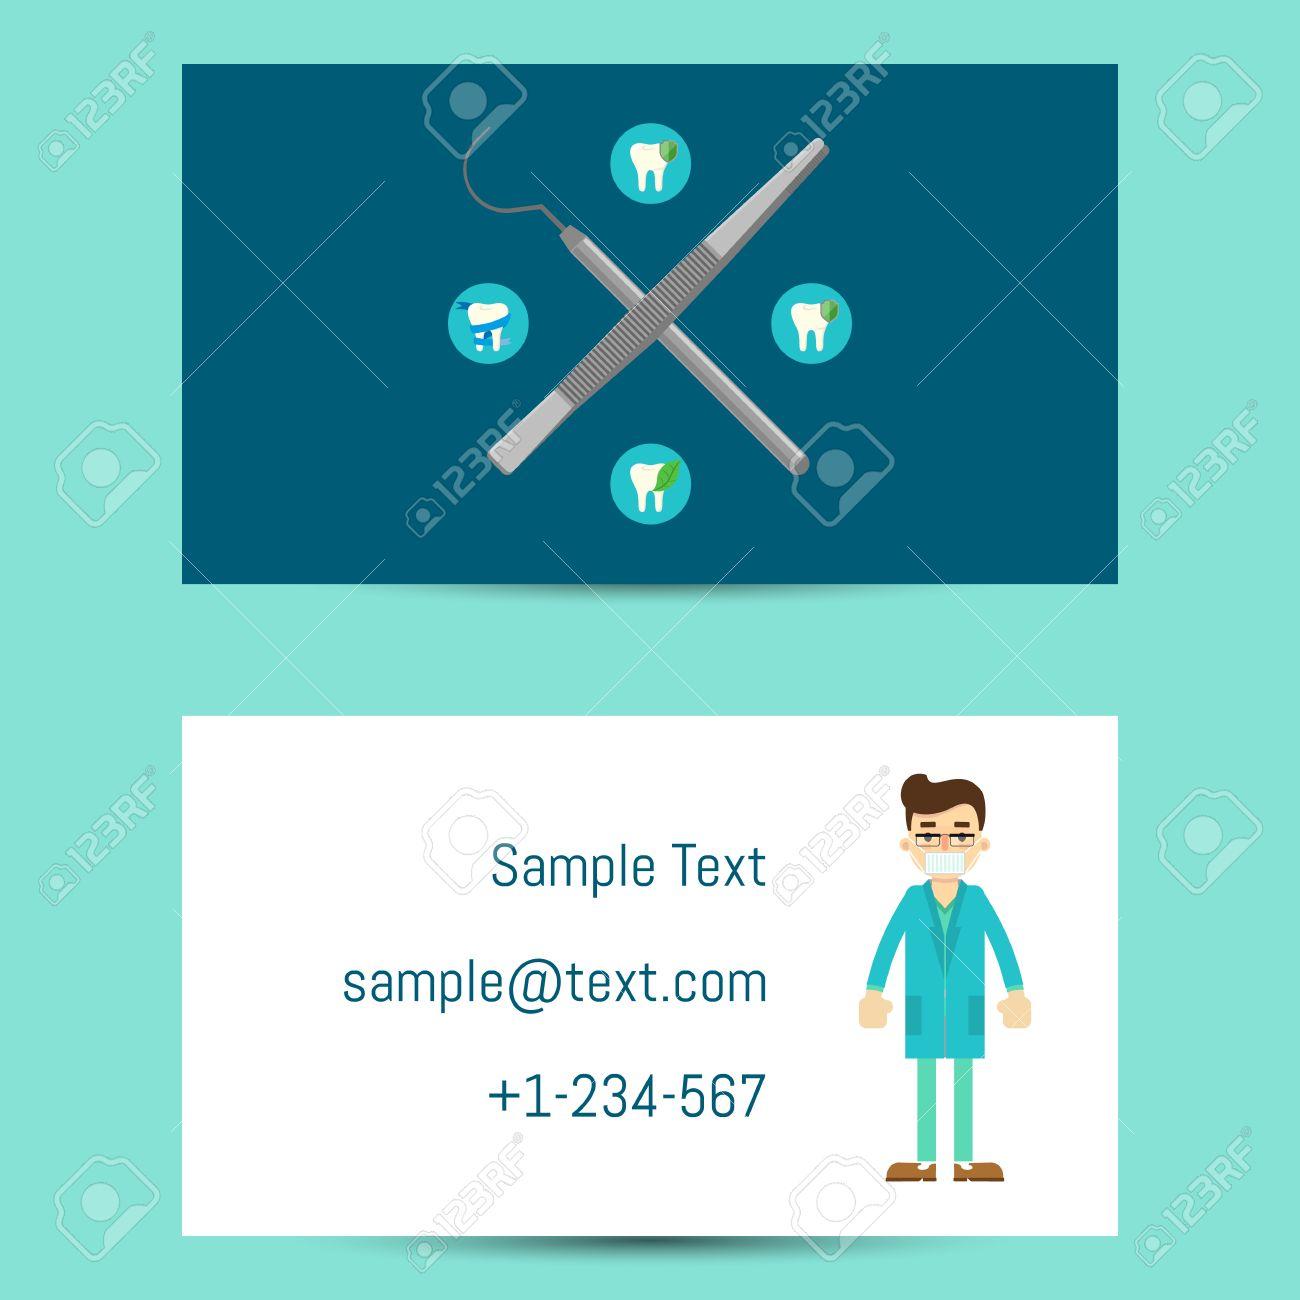 Modle Professionnel De Carte Visite Pour Les Dentistes Avec Lhomme Dessin Anim En Uniforme Mdical Et Lquipement Dentiste